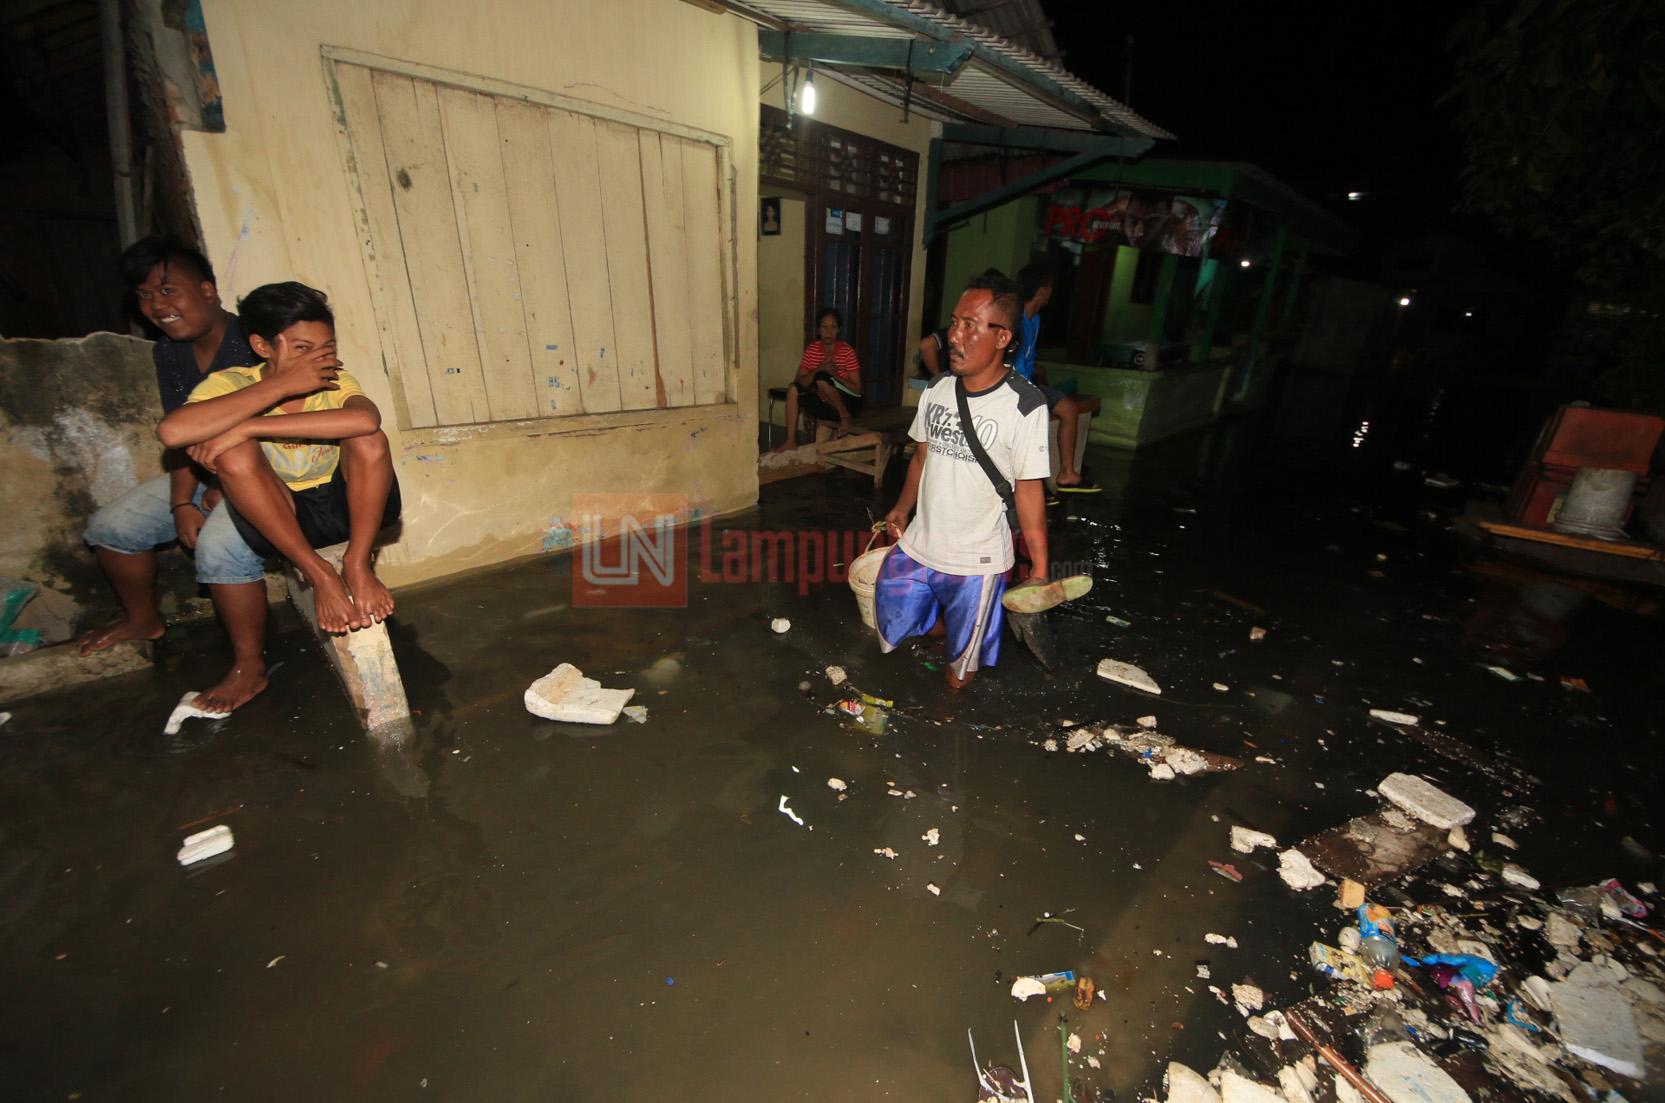 Puluhan rumah di Sukaraja, Bumi Waras terendam banjir rob dan satu rumah lainnya jebol diterjang keganasan ombak pesisir Teluk Lampung, Senin (4/12). Banjir rob ini sudah berlangsung sejak Jumat lalu akibat cuaca ekstrem. (Lampungnews.com/El Shinta)